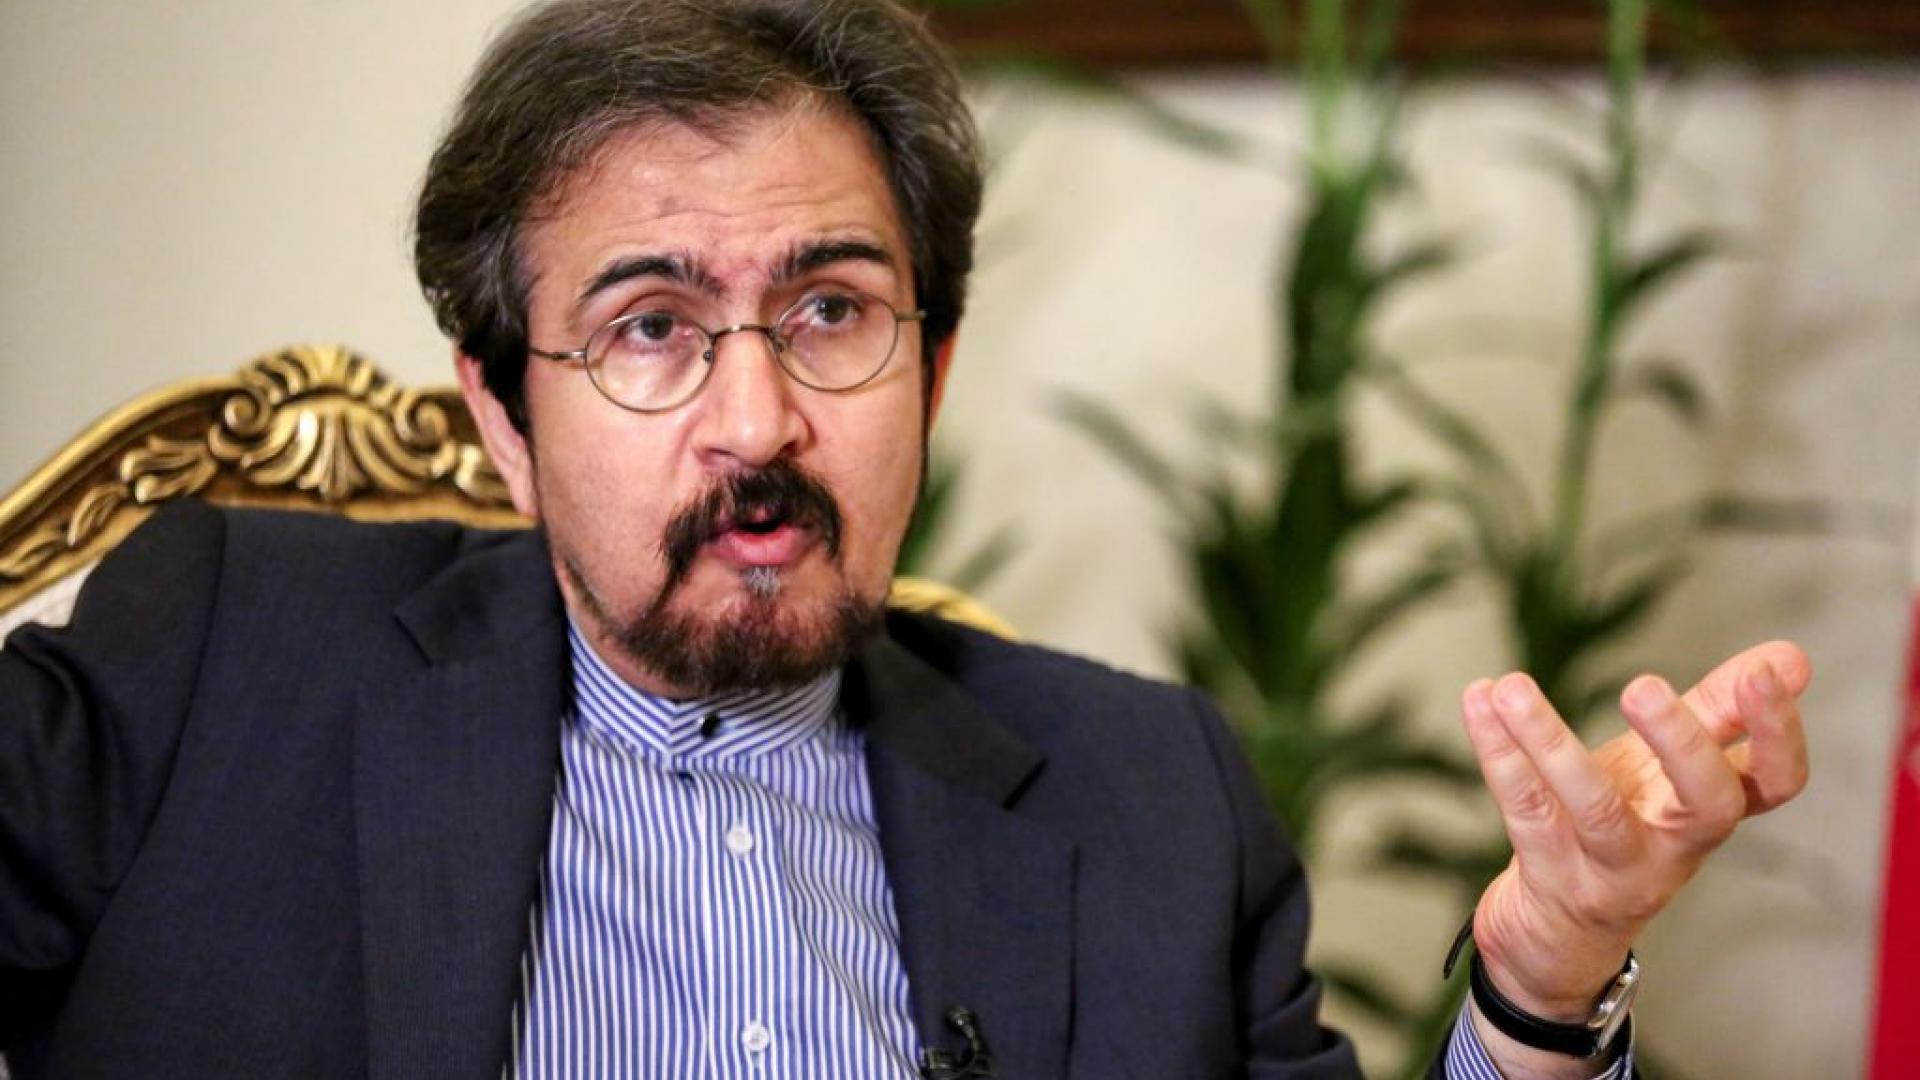 من قدامى المحاربين.. إيران تعلن اعتقال الأمريكي مايكل وايت